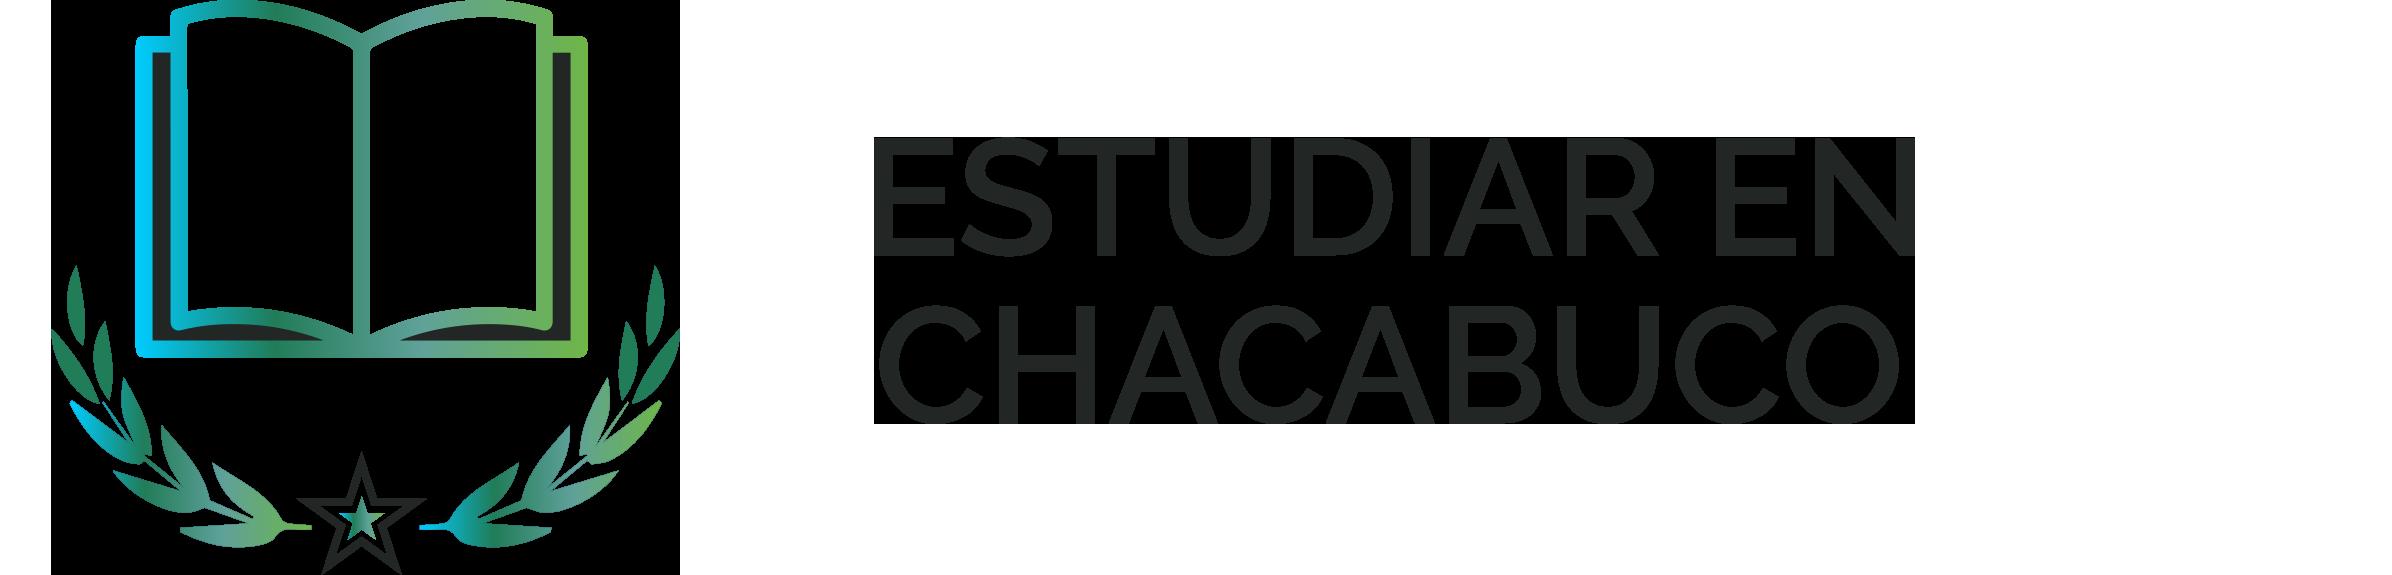 Estudiar en chacabuco